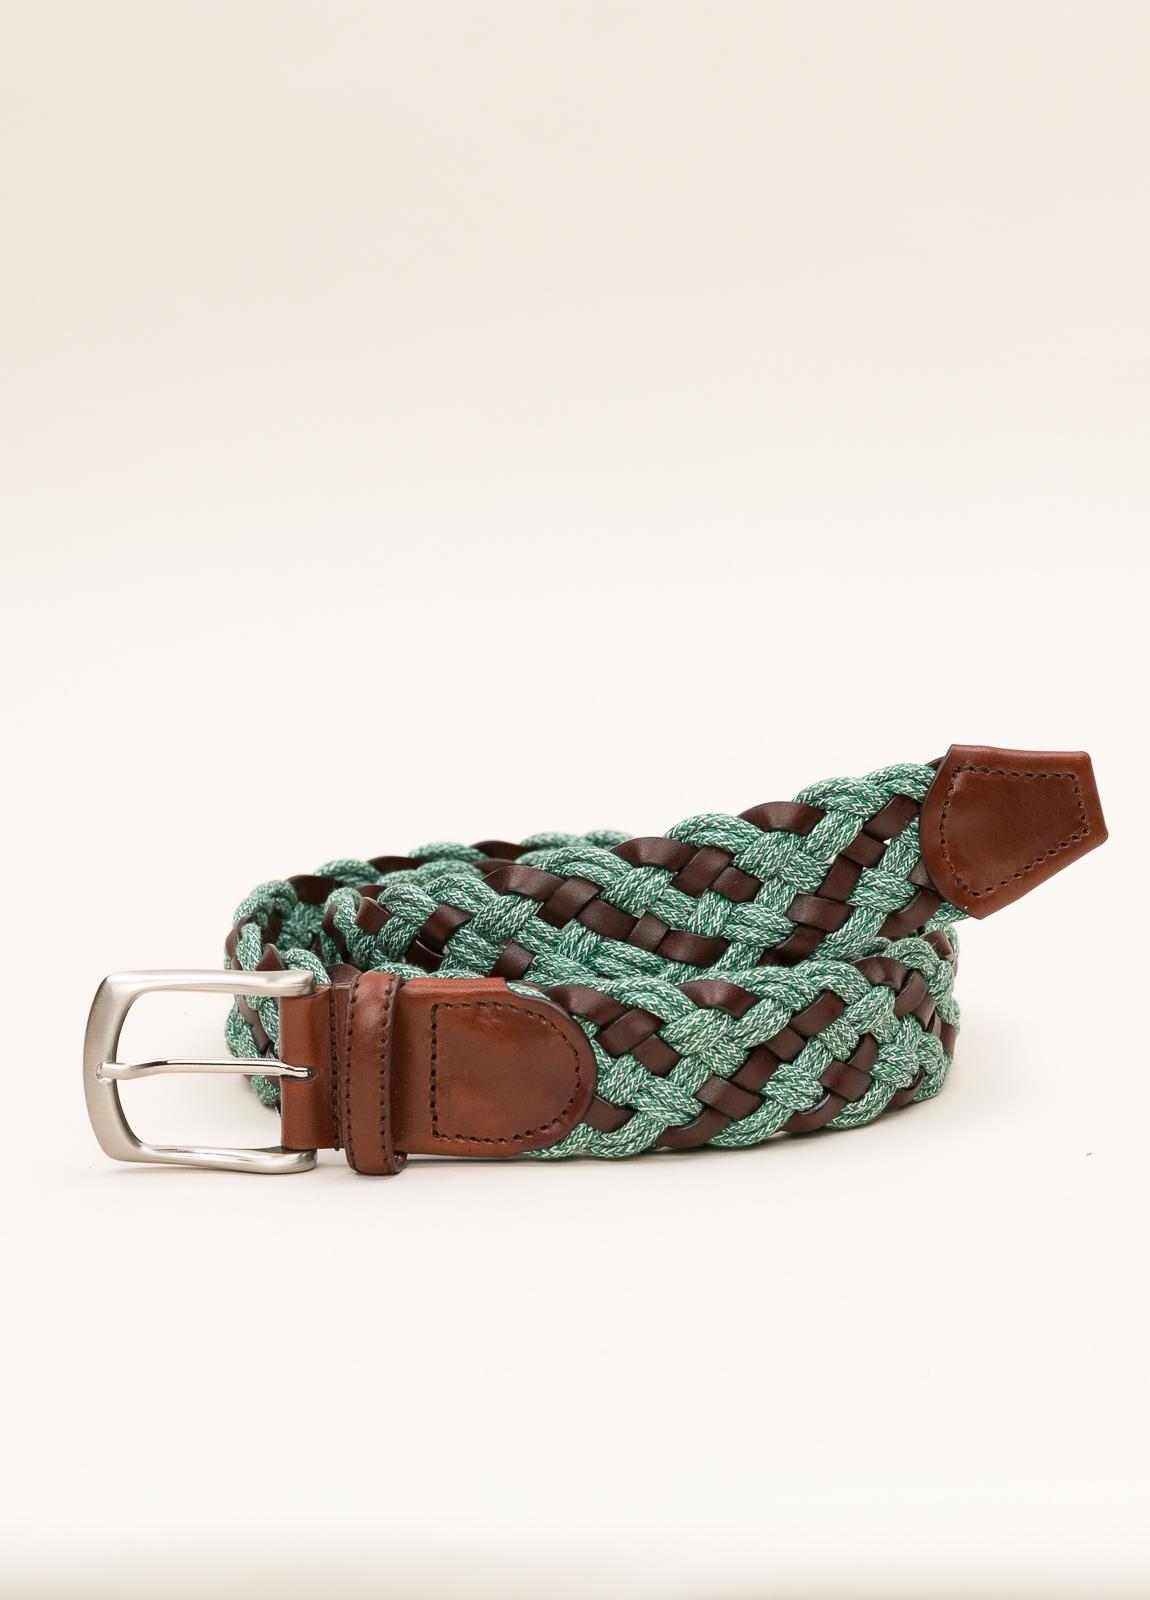 Cinturón Sport FUREST COLECCIÓN trenzado verde